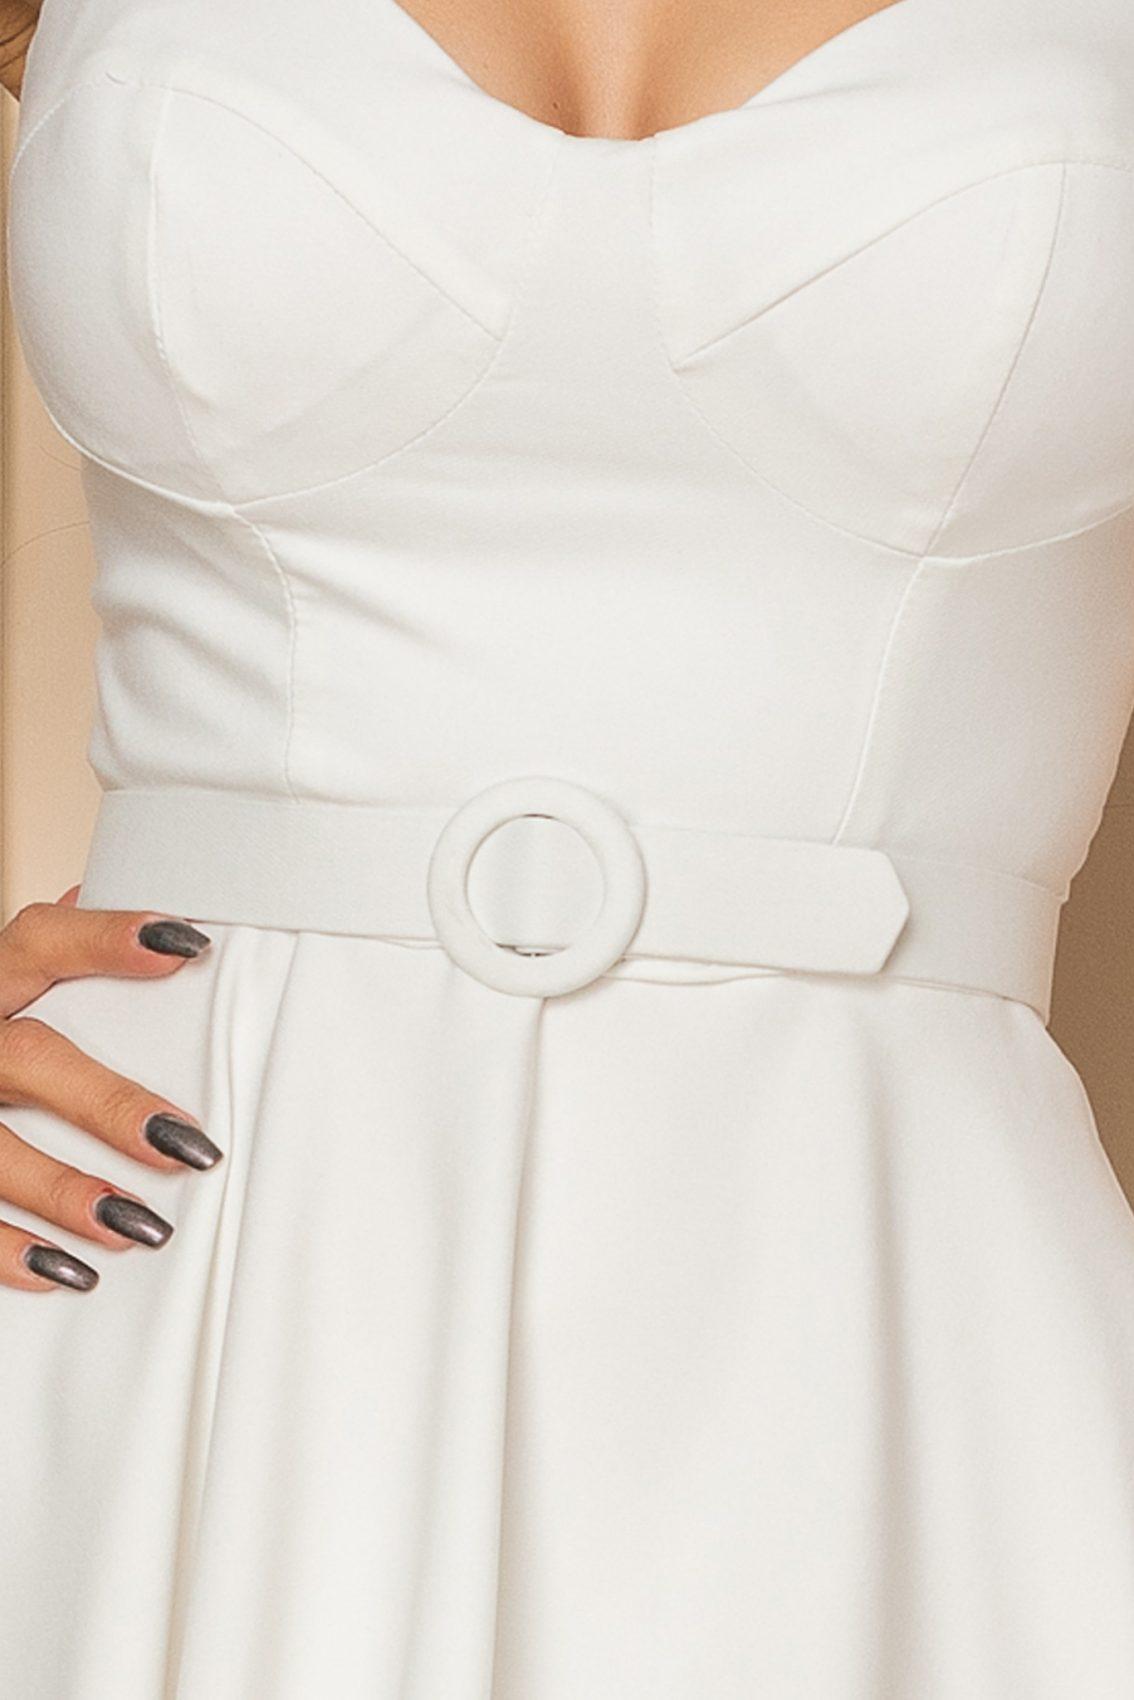 Λευκό Φόρεμα Με Τιράντες Alma A392 3